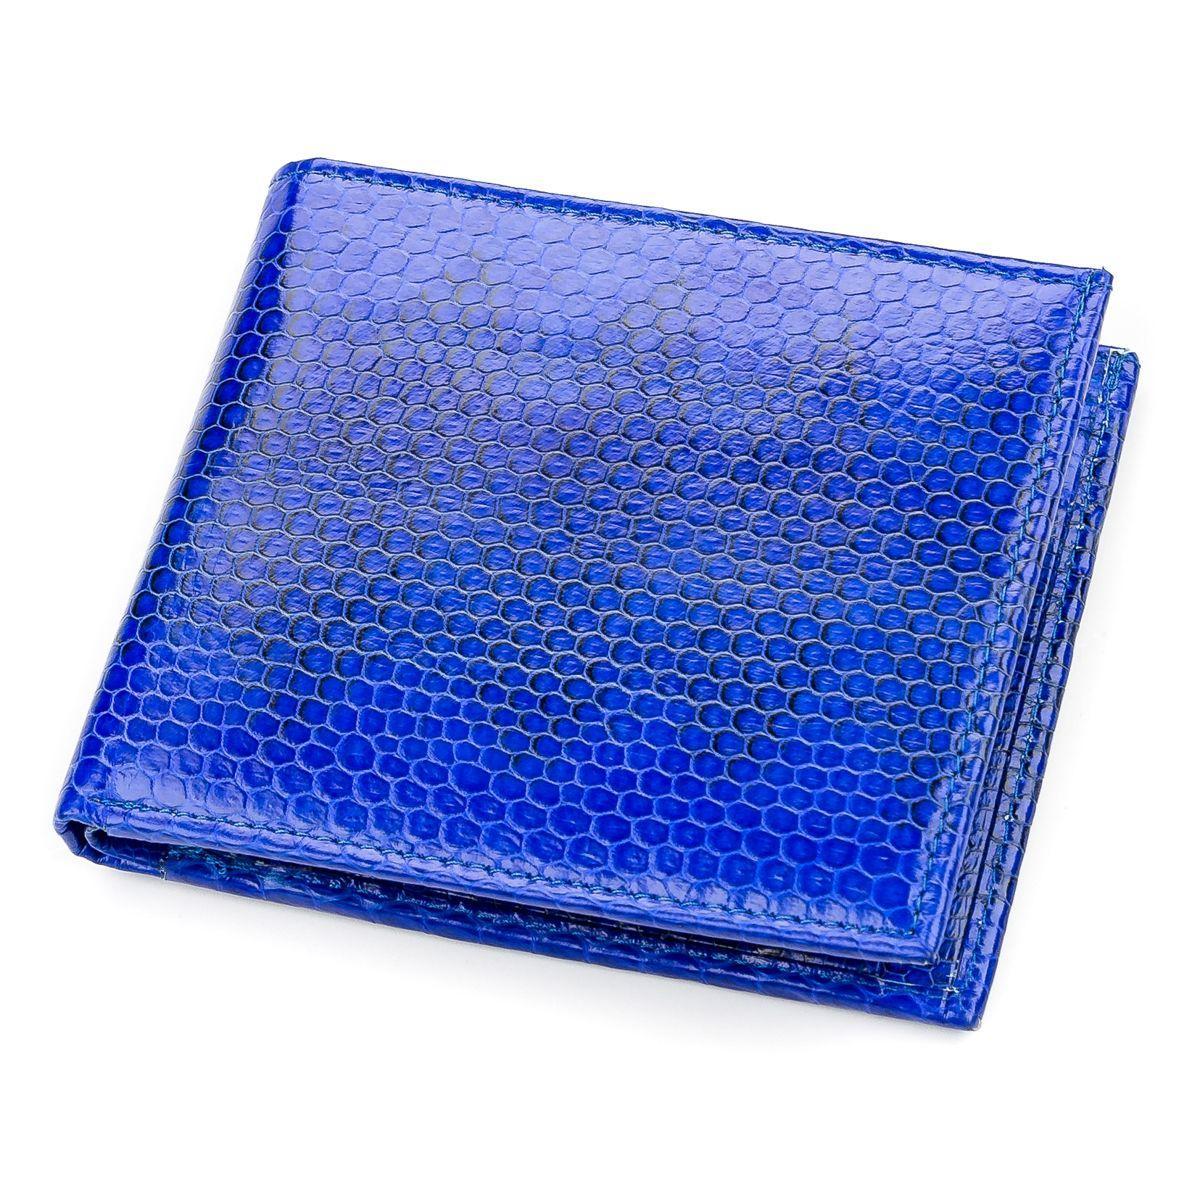 Кошелек  Ekzotic Leather из натуральной кожи морской змеи Синий (snw 35)